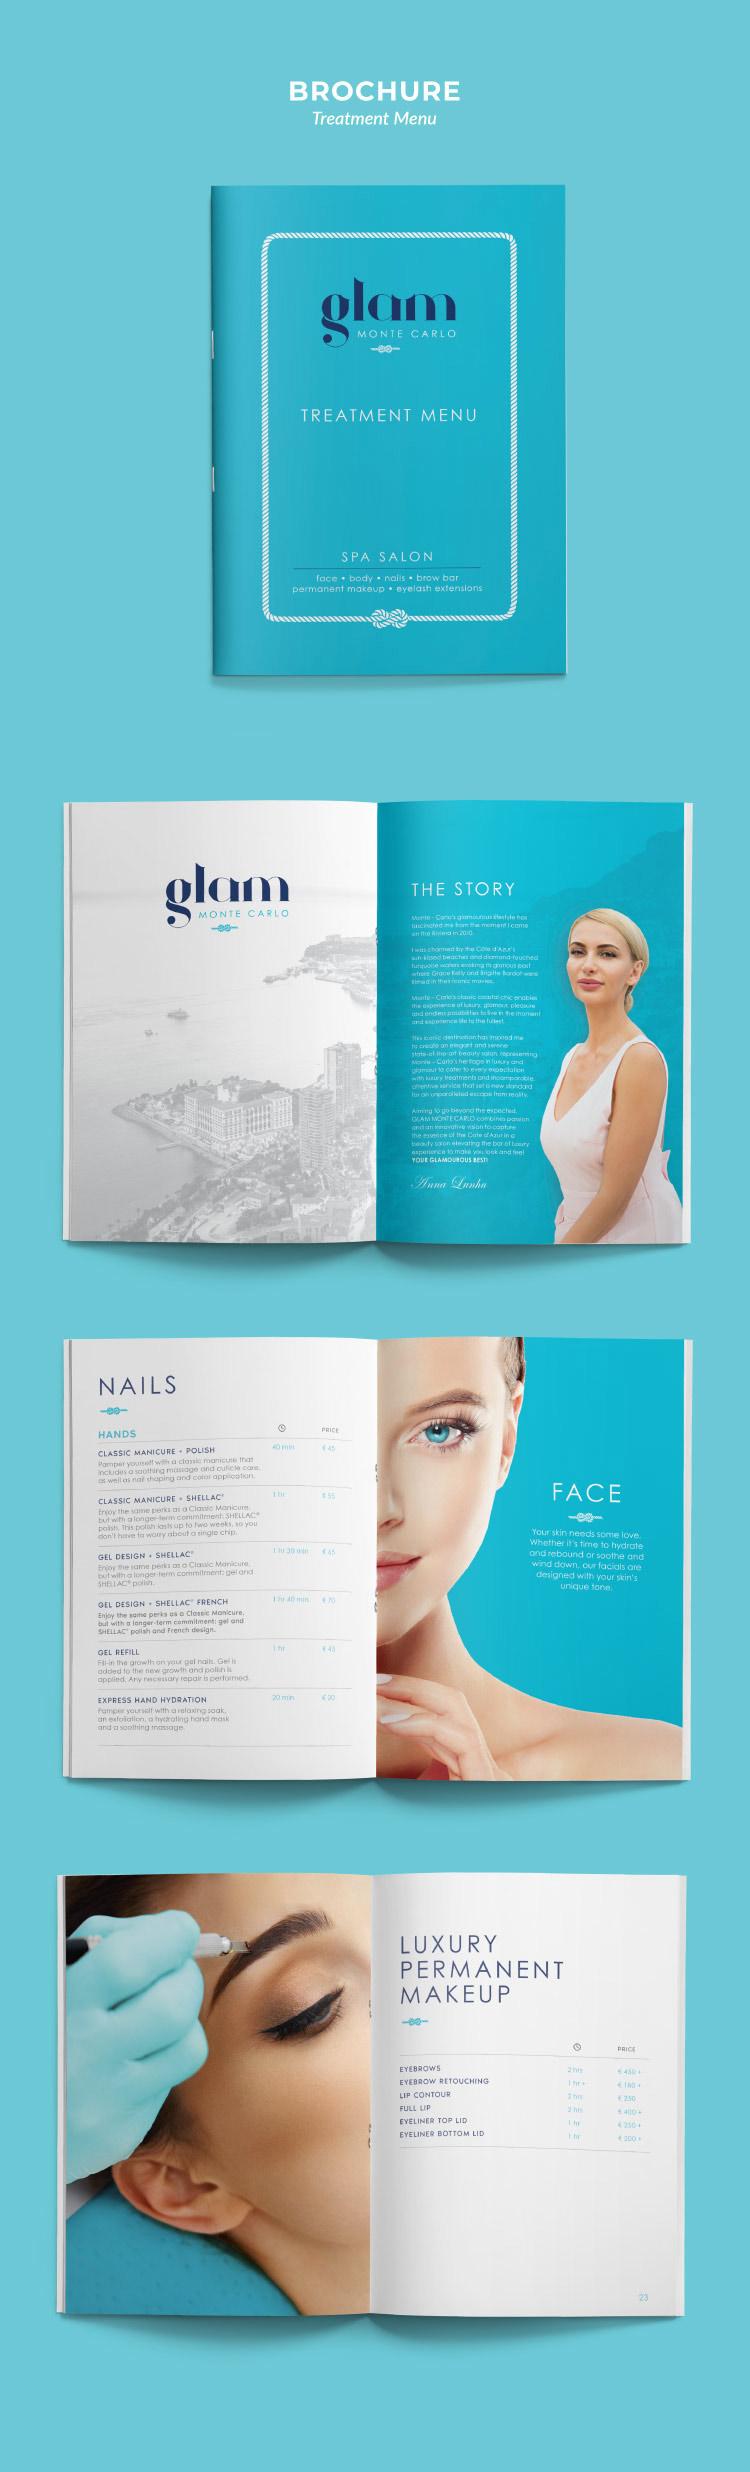 Conception de brochure pour Glam Monte Carlo (clinique de soins médico-esthétiques)